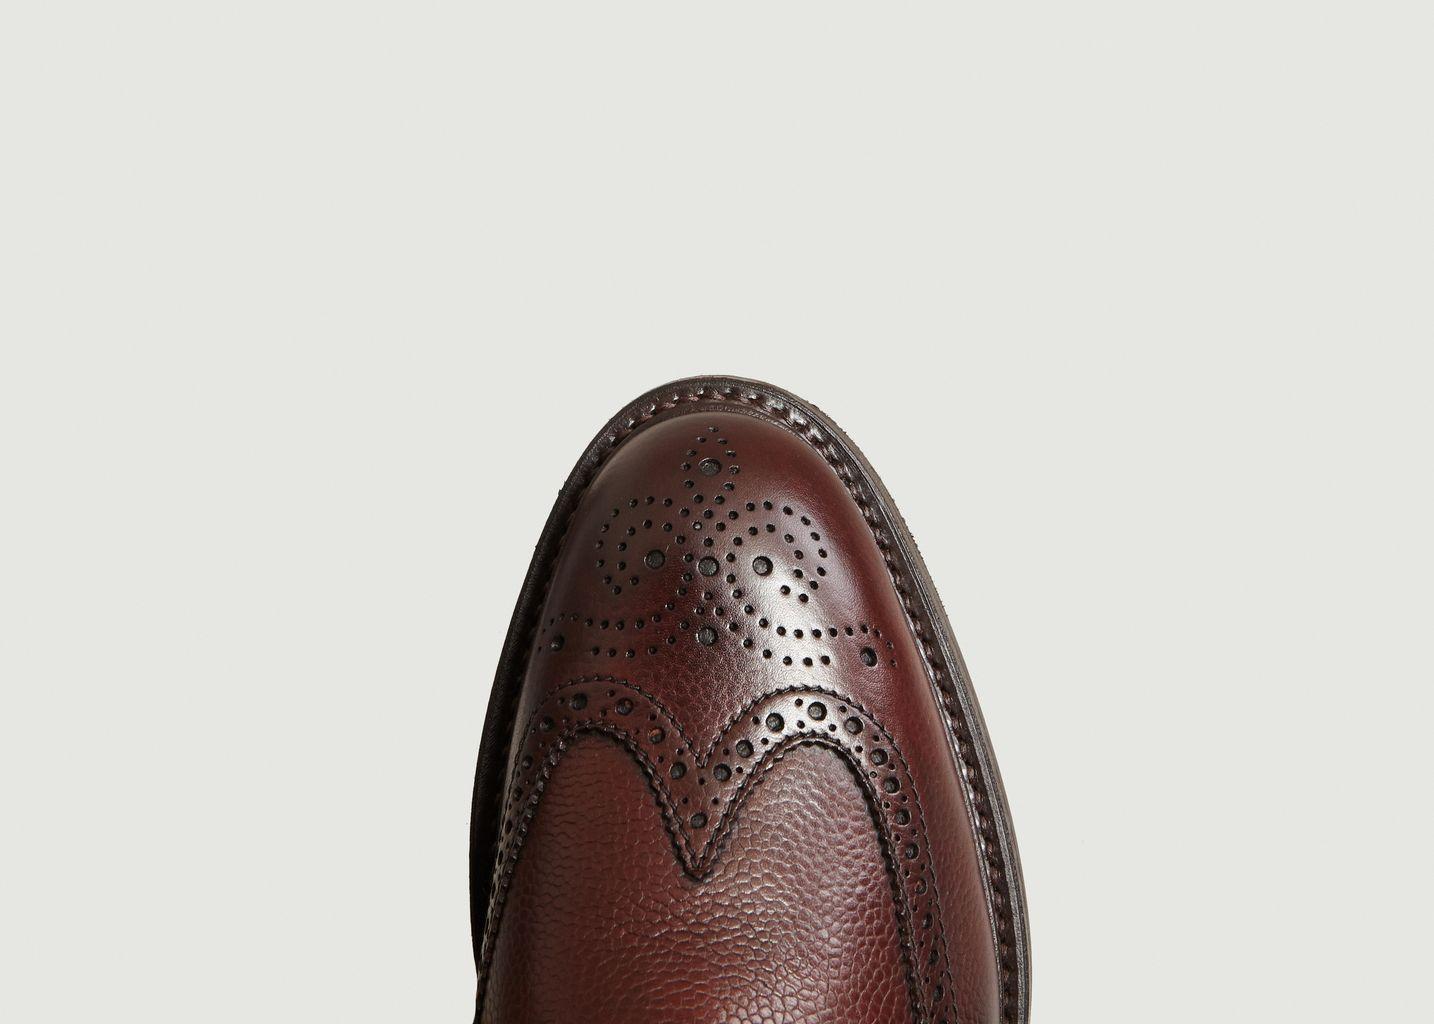 Bottines Calder - Barker Shoes